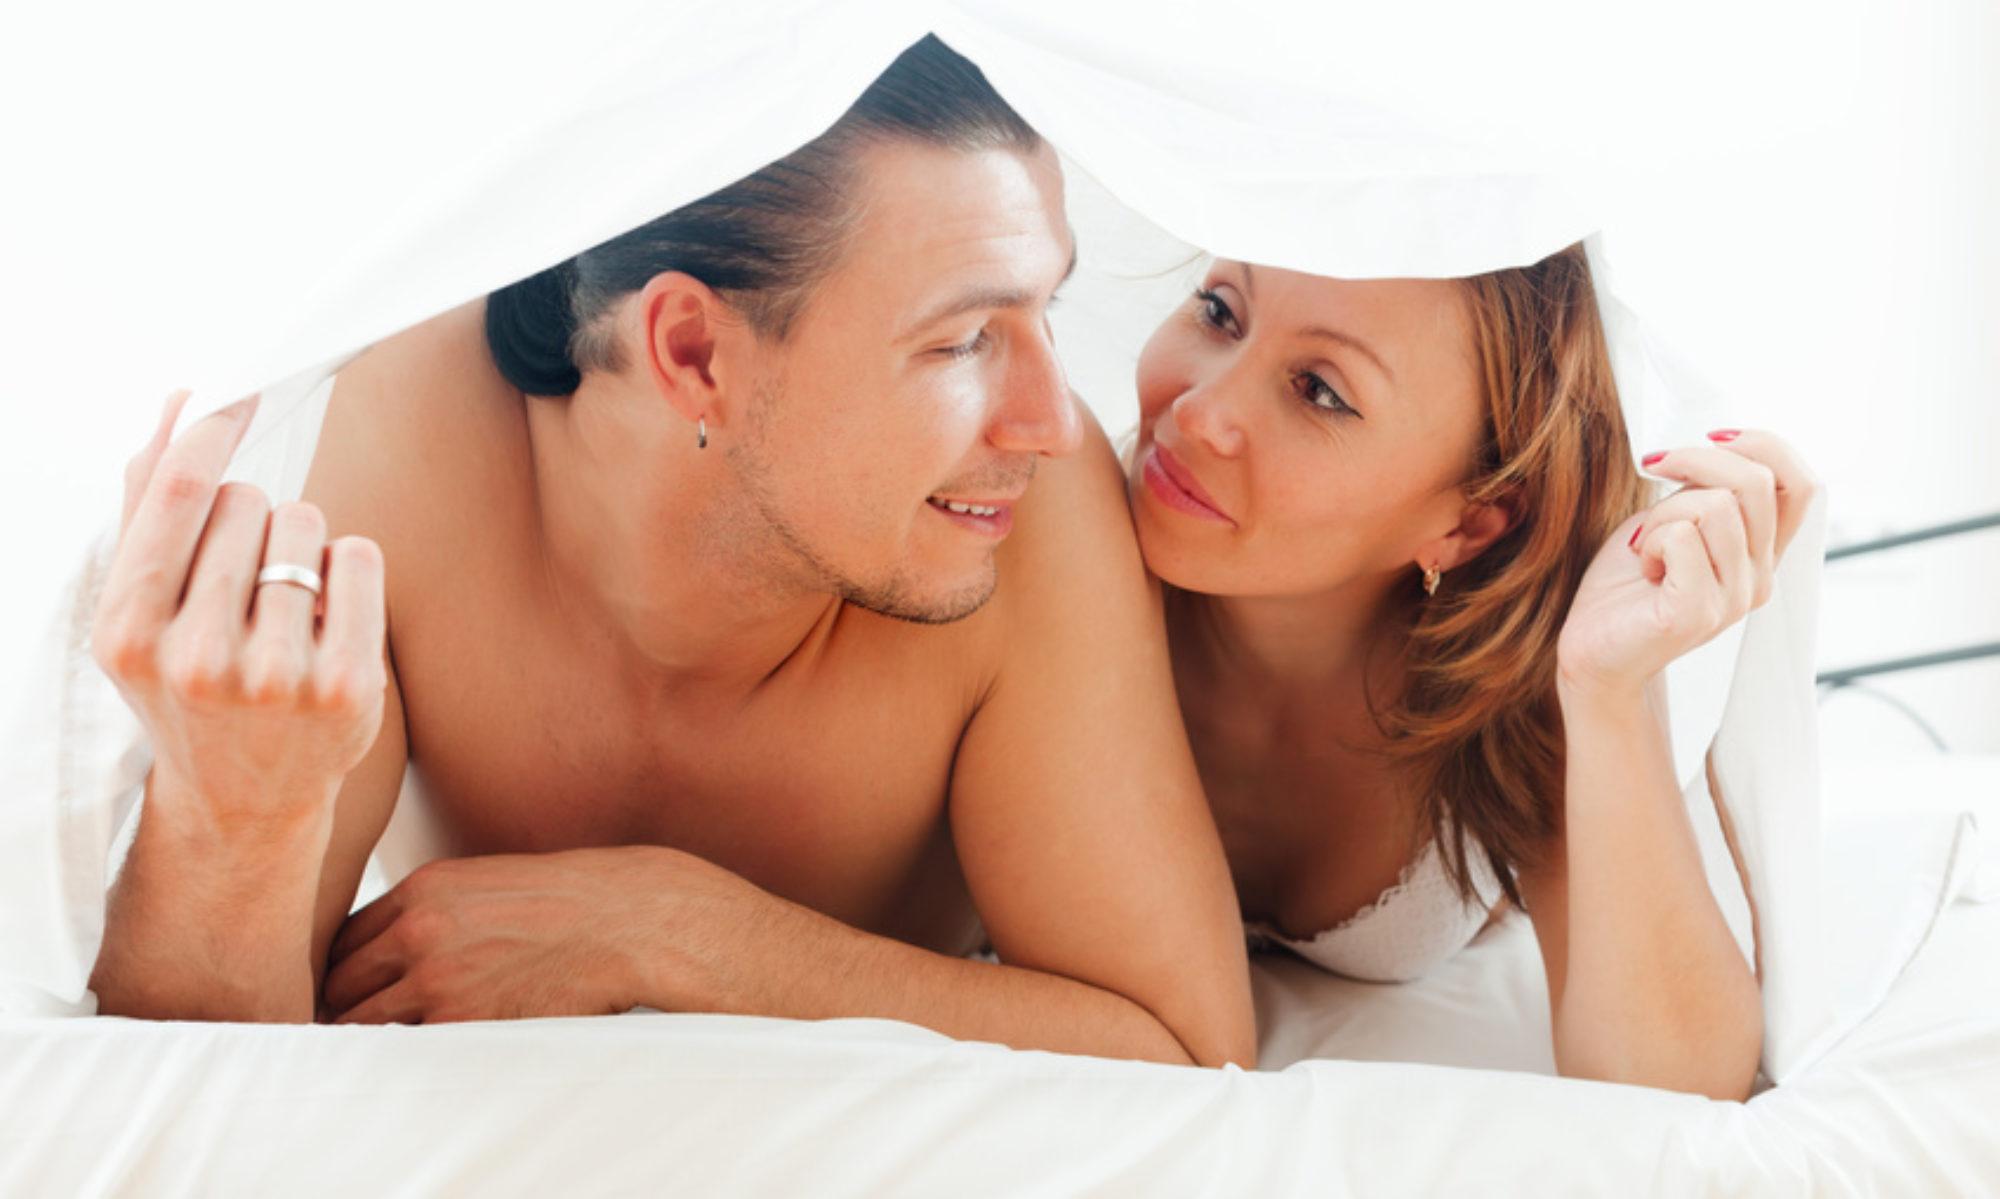 Datingtreff - Sextreff privat zum Sexdaten